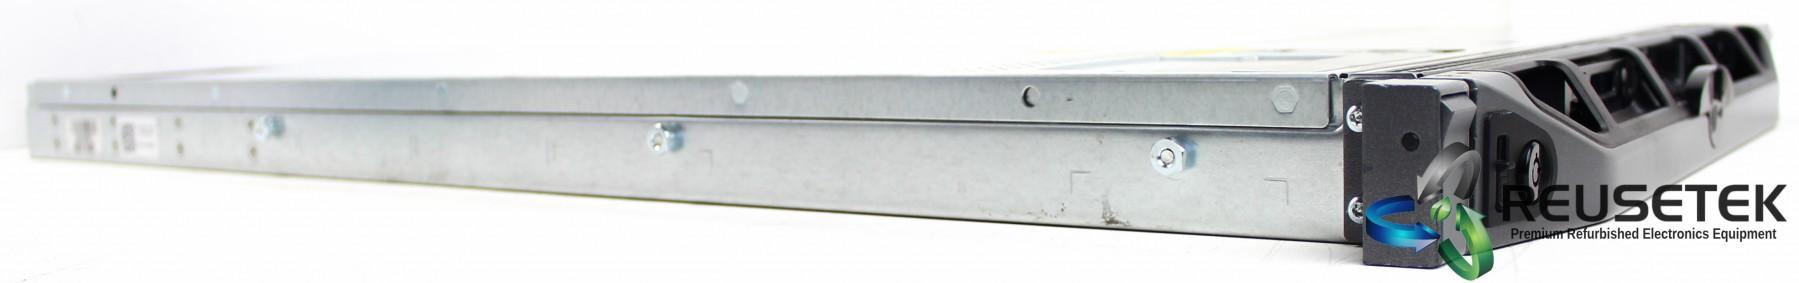 50002978-Dell PowerEdge R610 Server With Intel E5630 Xeon Quad-Core Processor-image